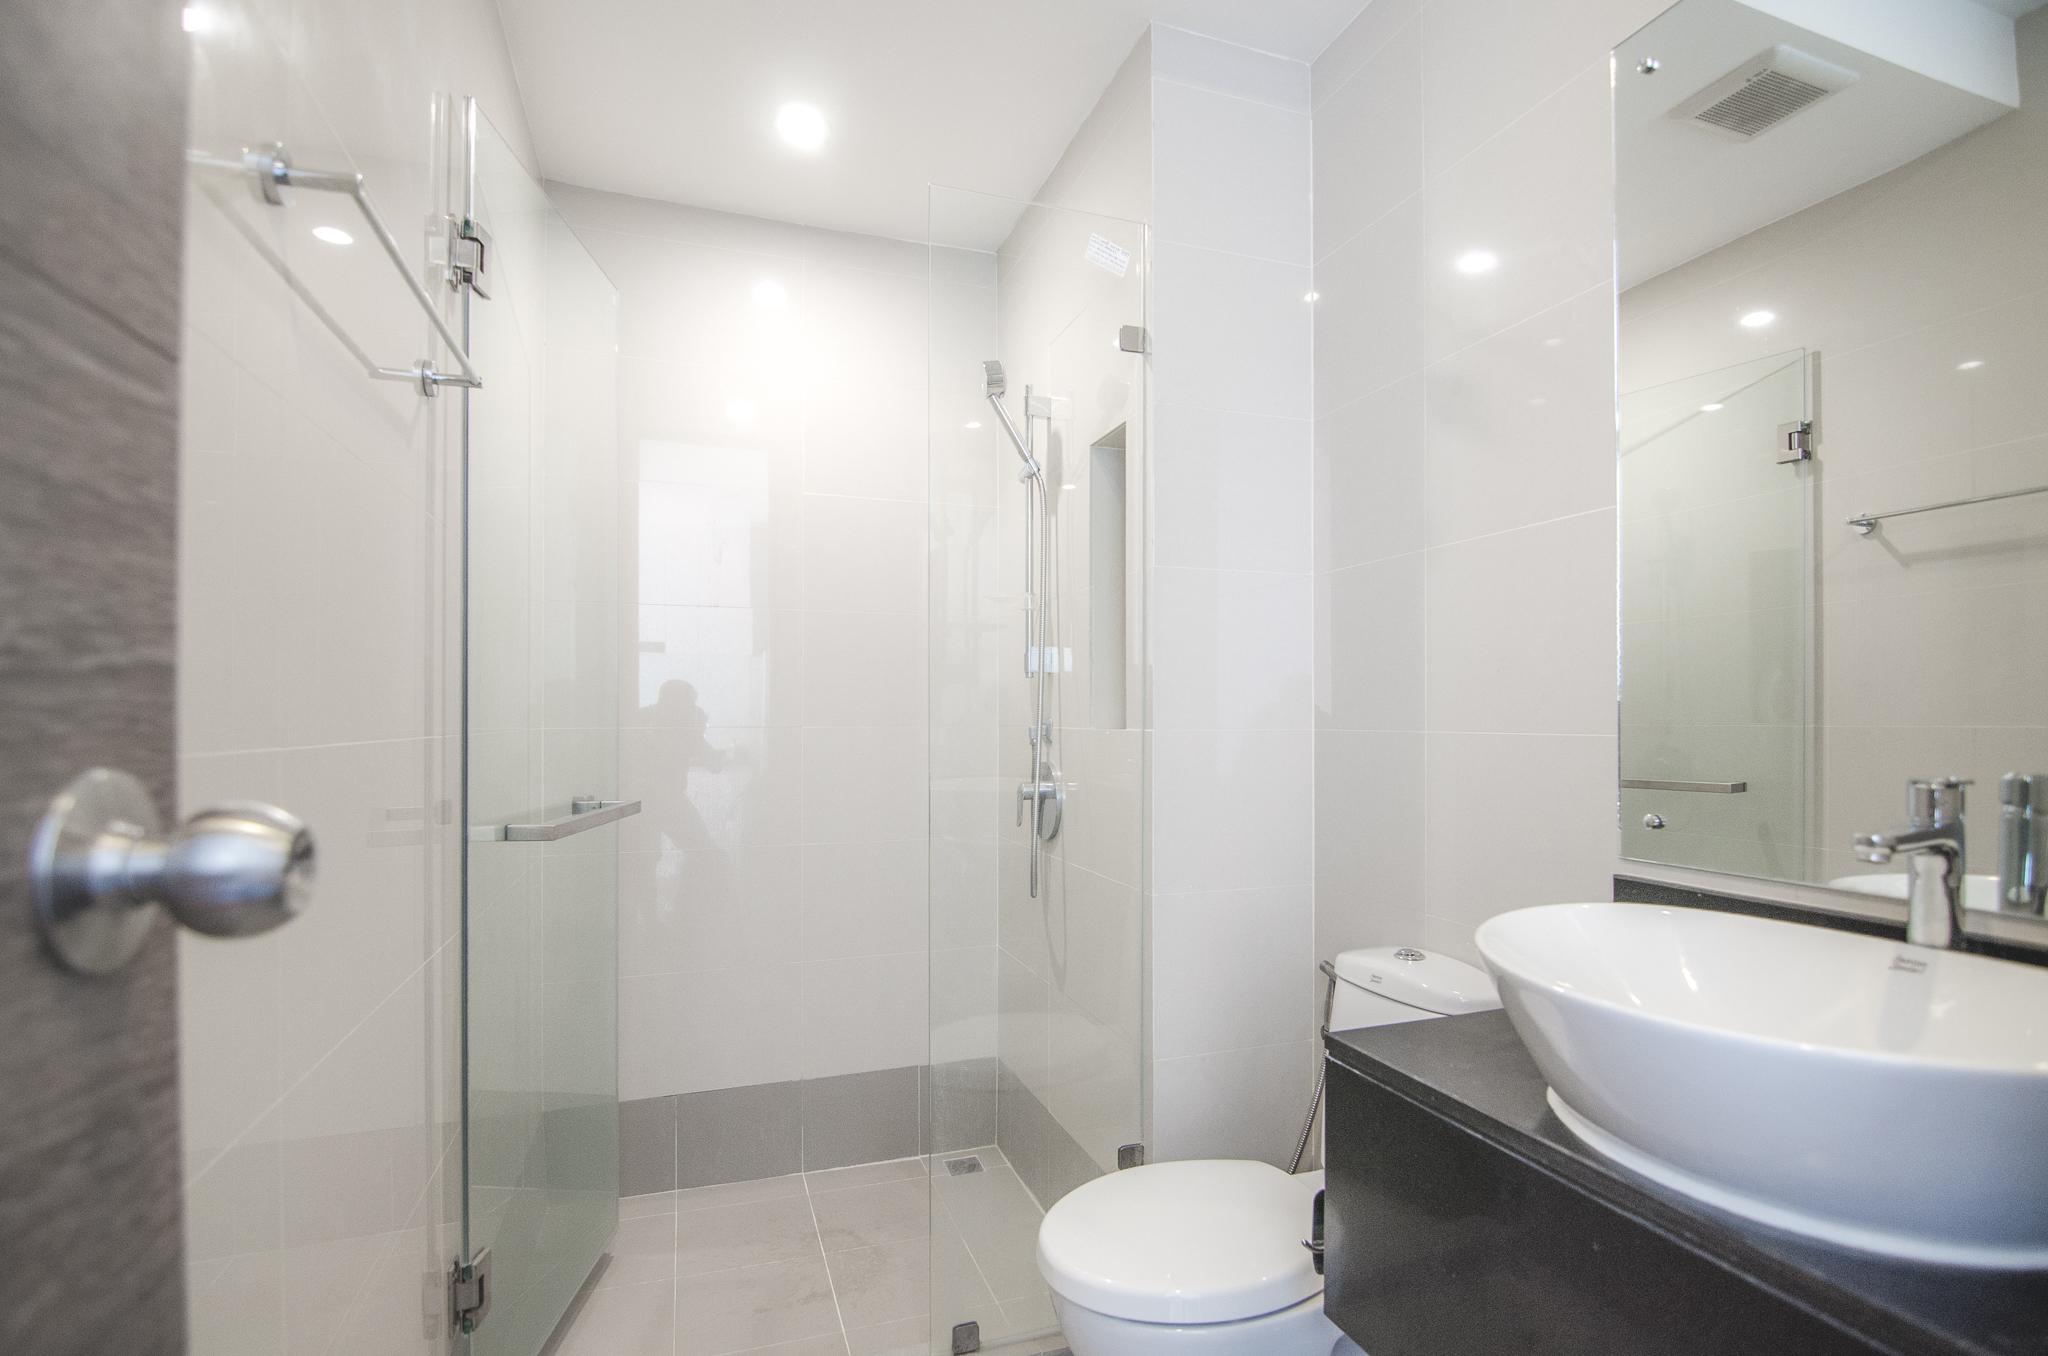 the-nimman-condo-chiang-mai-thailand-bathroom.jpg